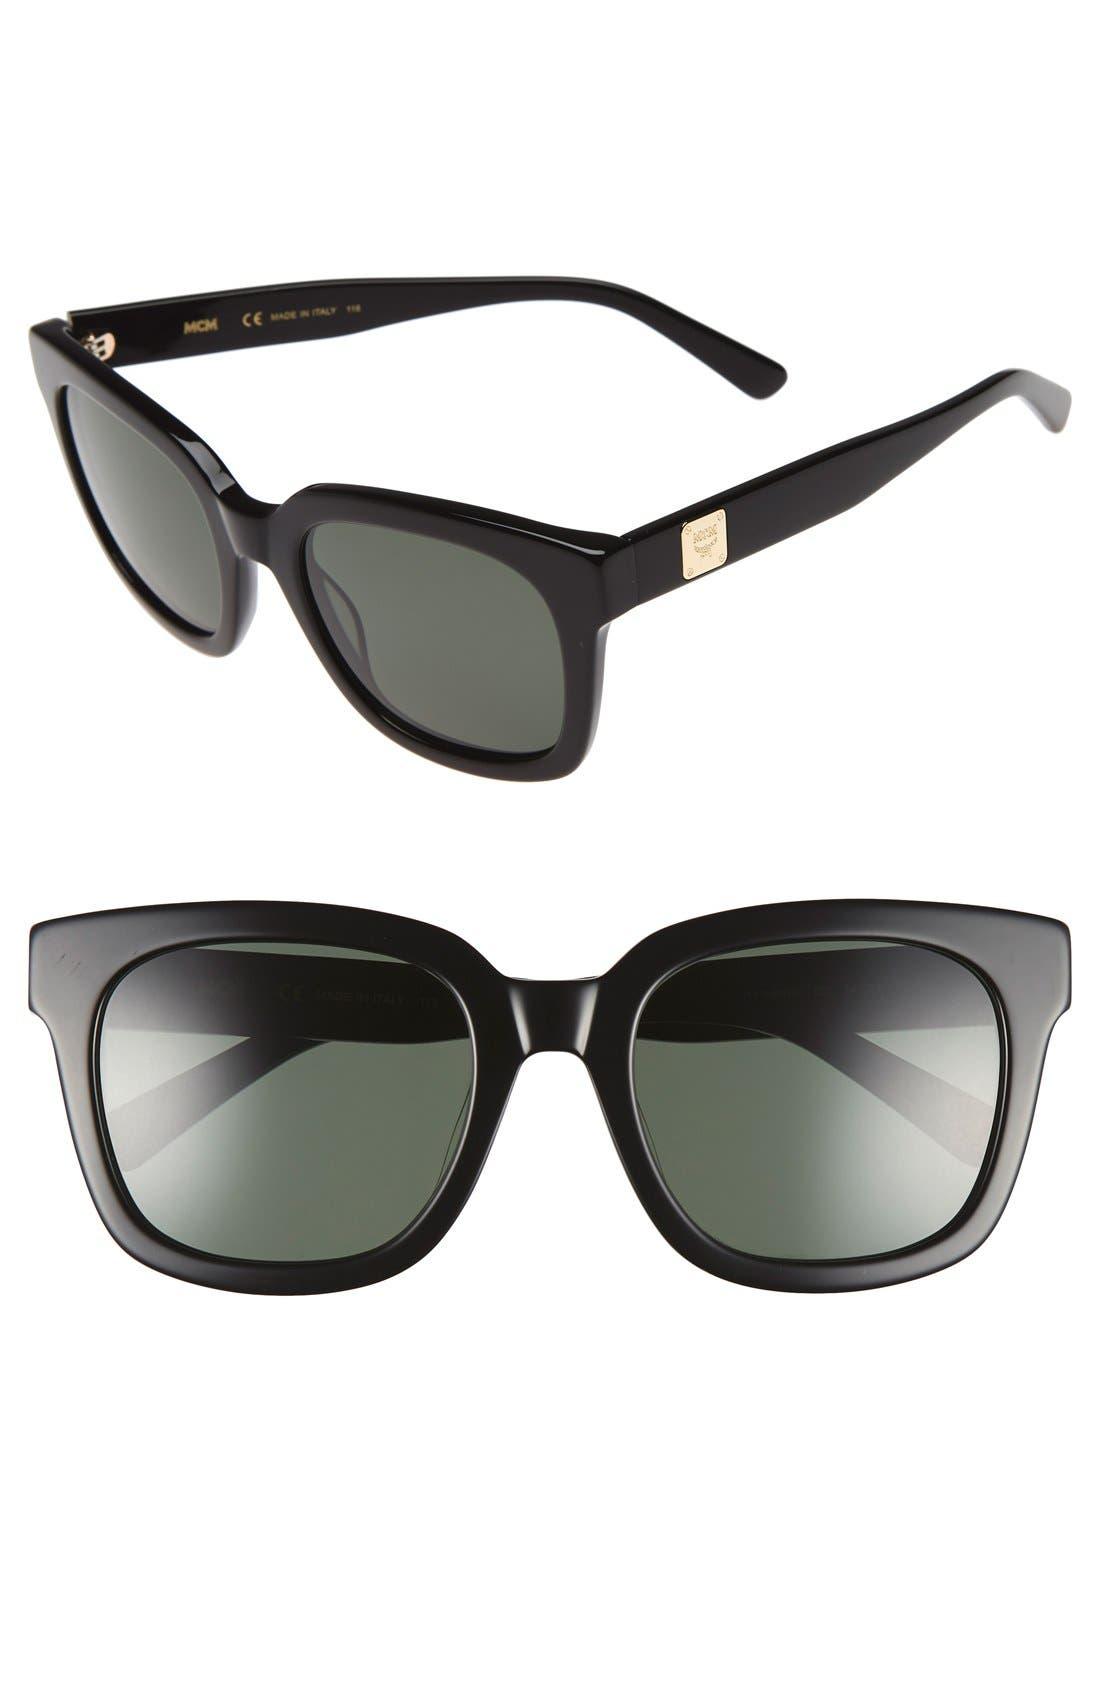 54mm Retro Sunglasses,                         Main,                         color, 001